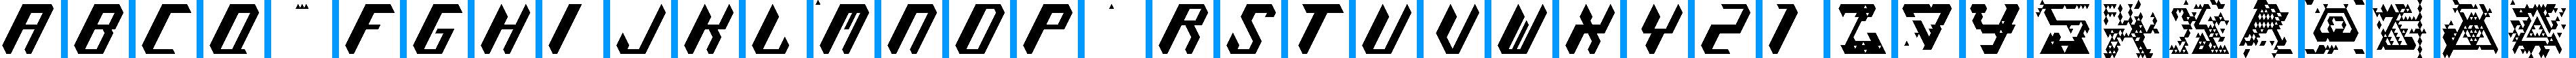 Particip-a-type v.249